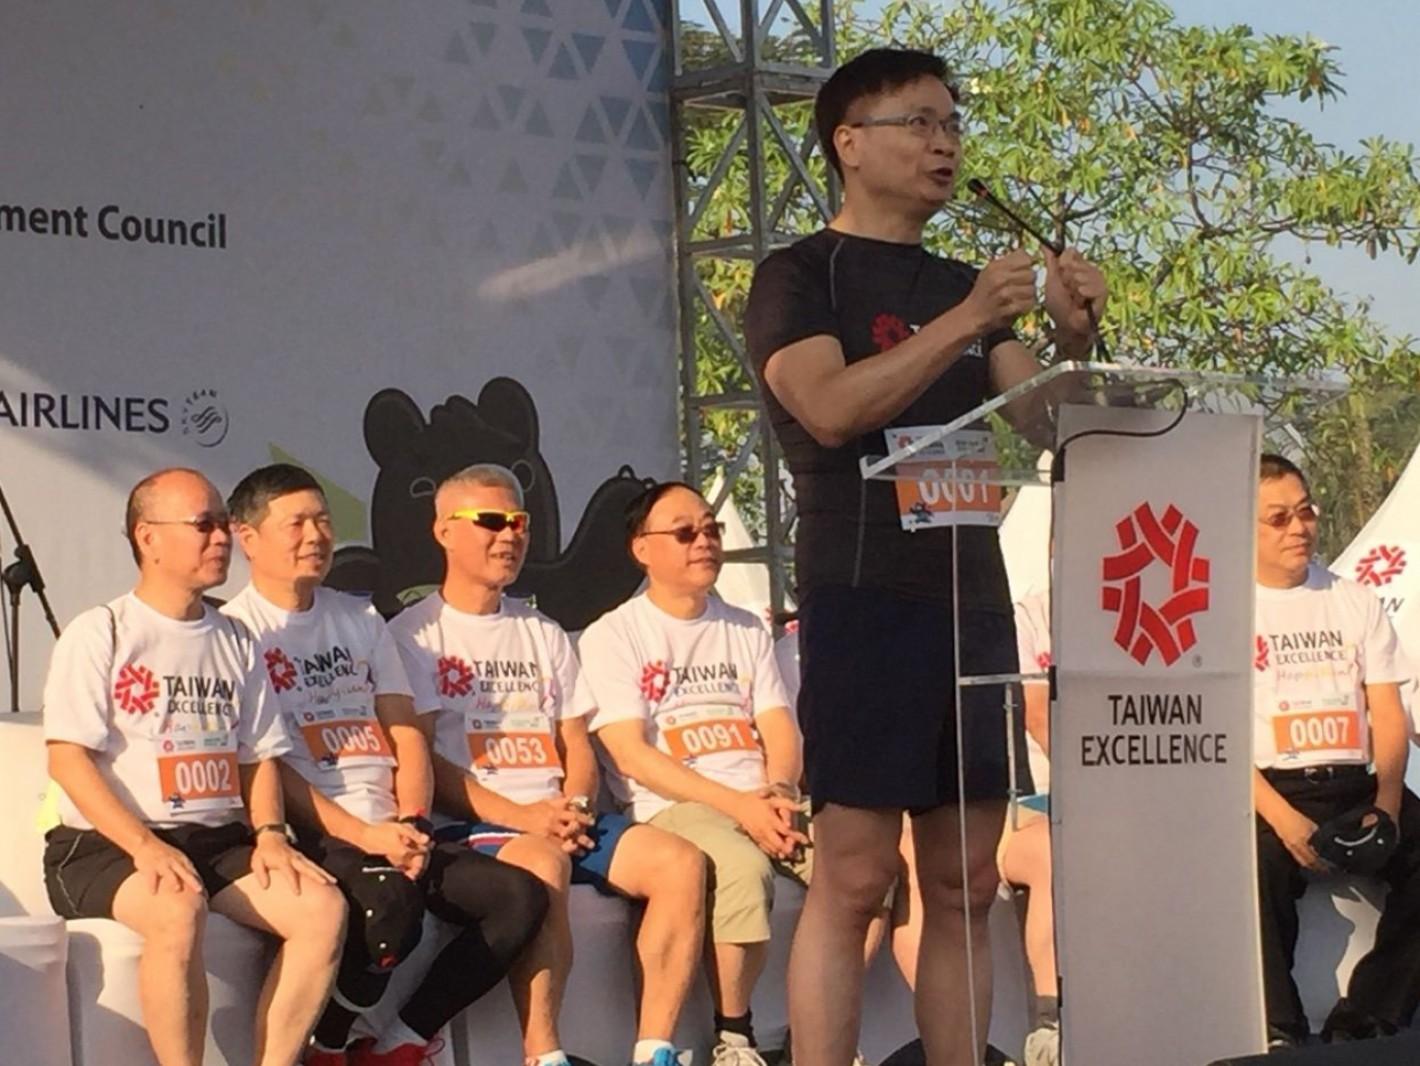 外貿協會董事長黃志芳表示,印尼是「亞洲活力」,而來自台灣的優質產品不僅是台灣精品,也是「亞洲精品」。